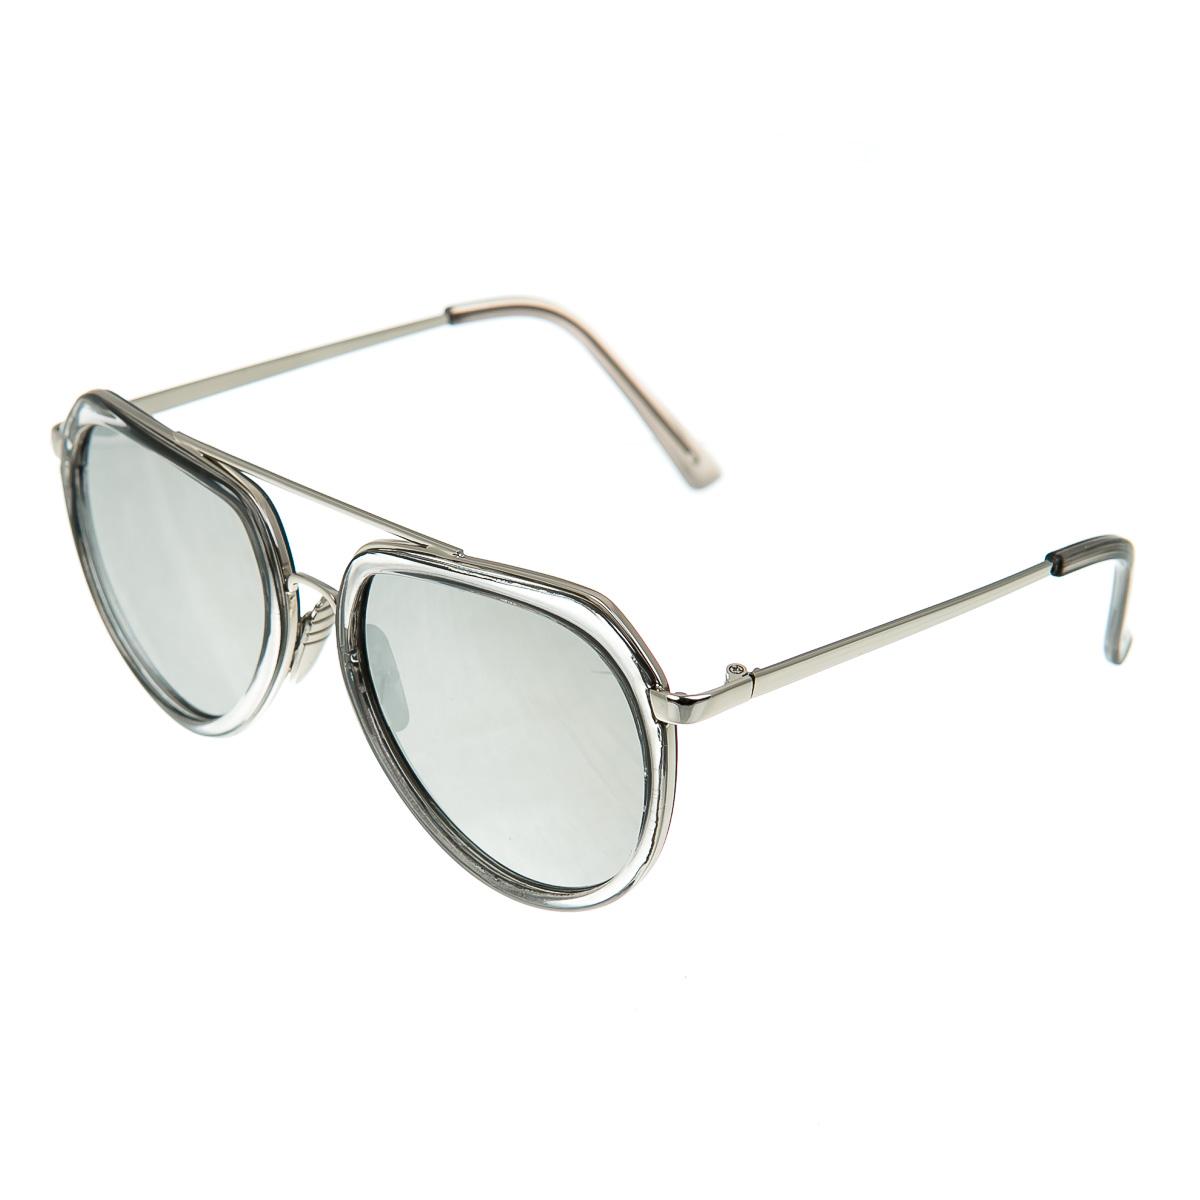 Очки в прозрачной оправе с тонкими дужками металлик с серыми стеклами